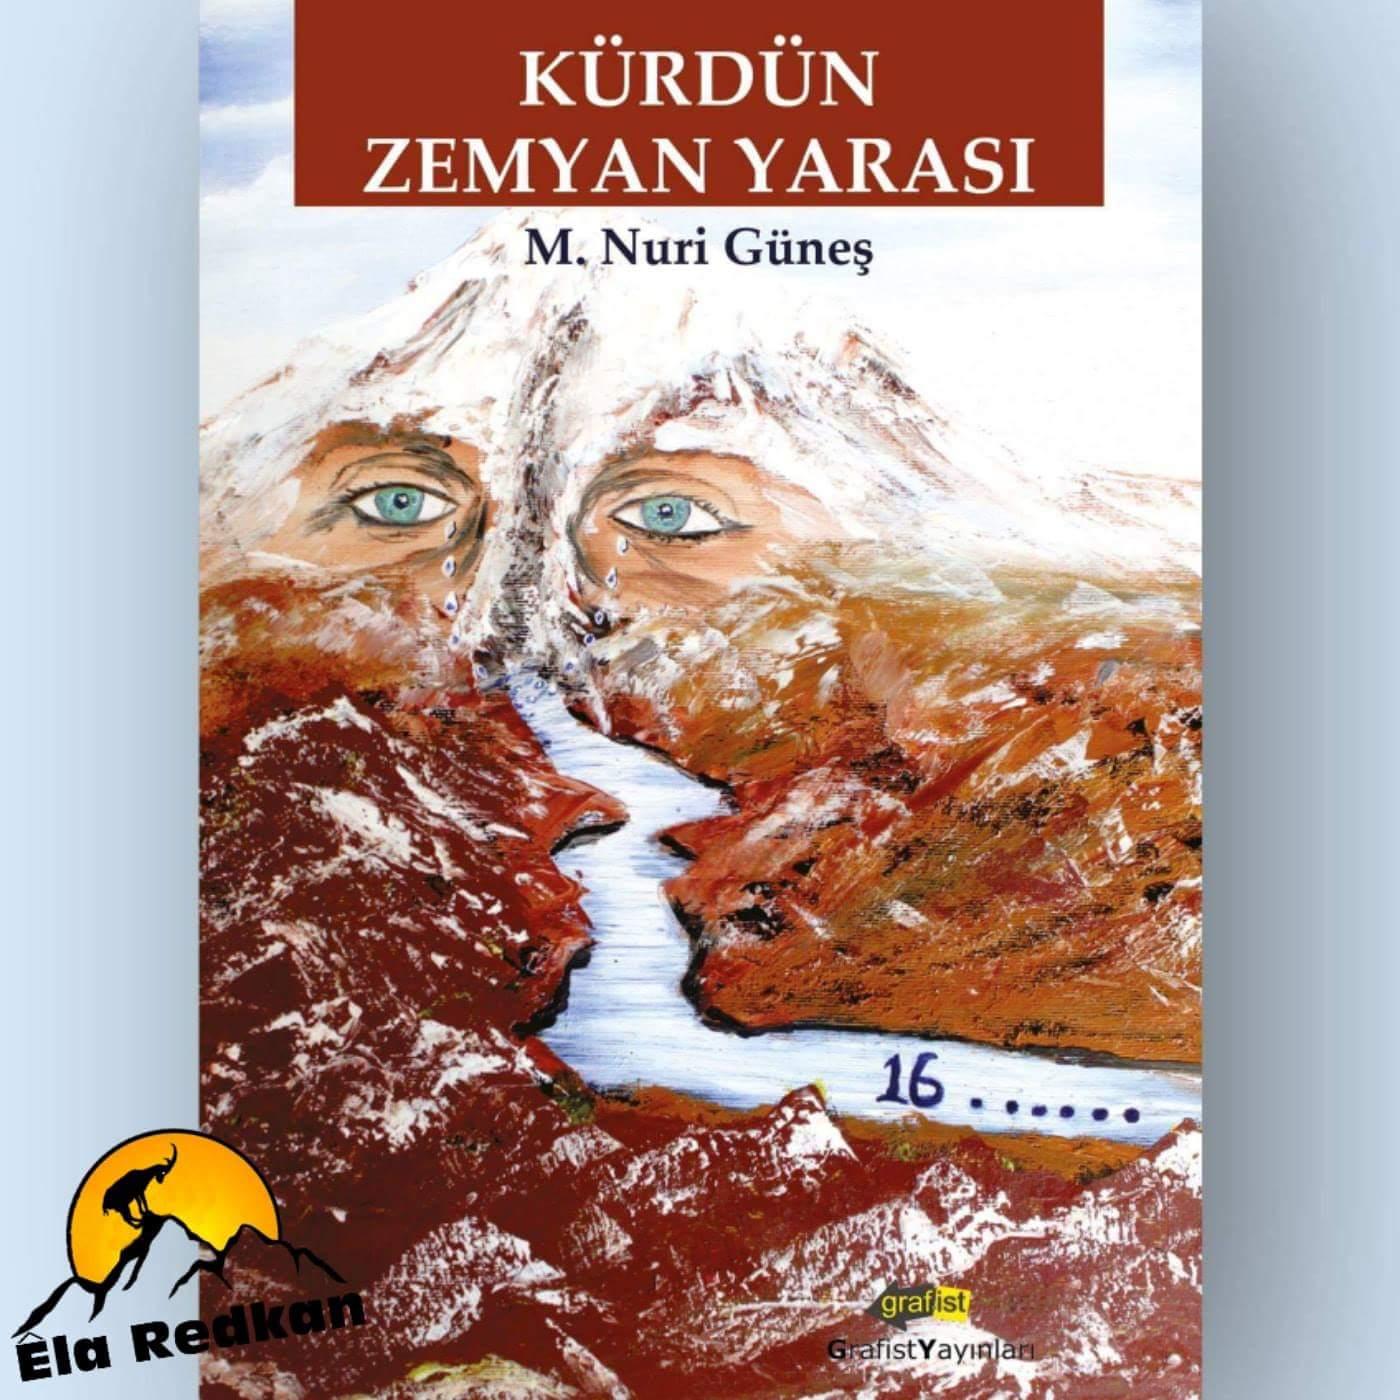 Ağrı İsyanı ve Zemyan Katliamı ile ilgili yeni bir kitap